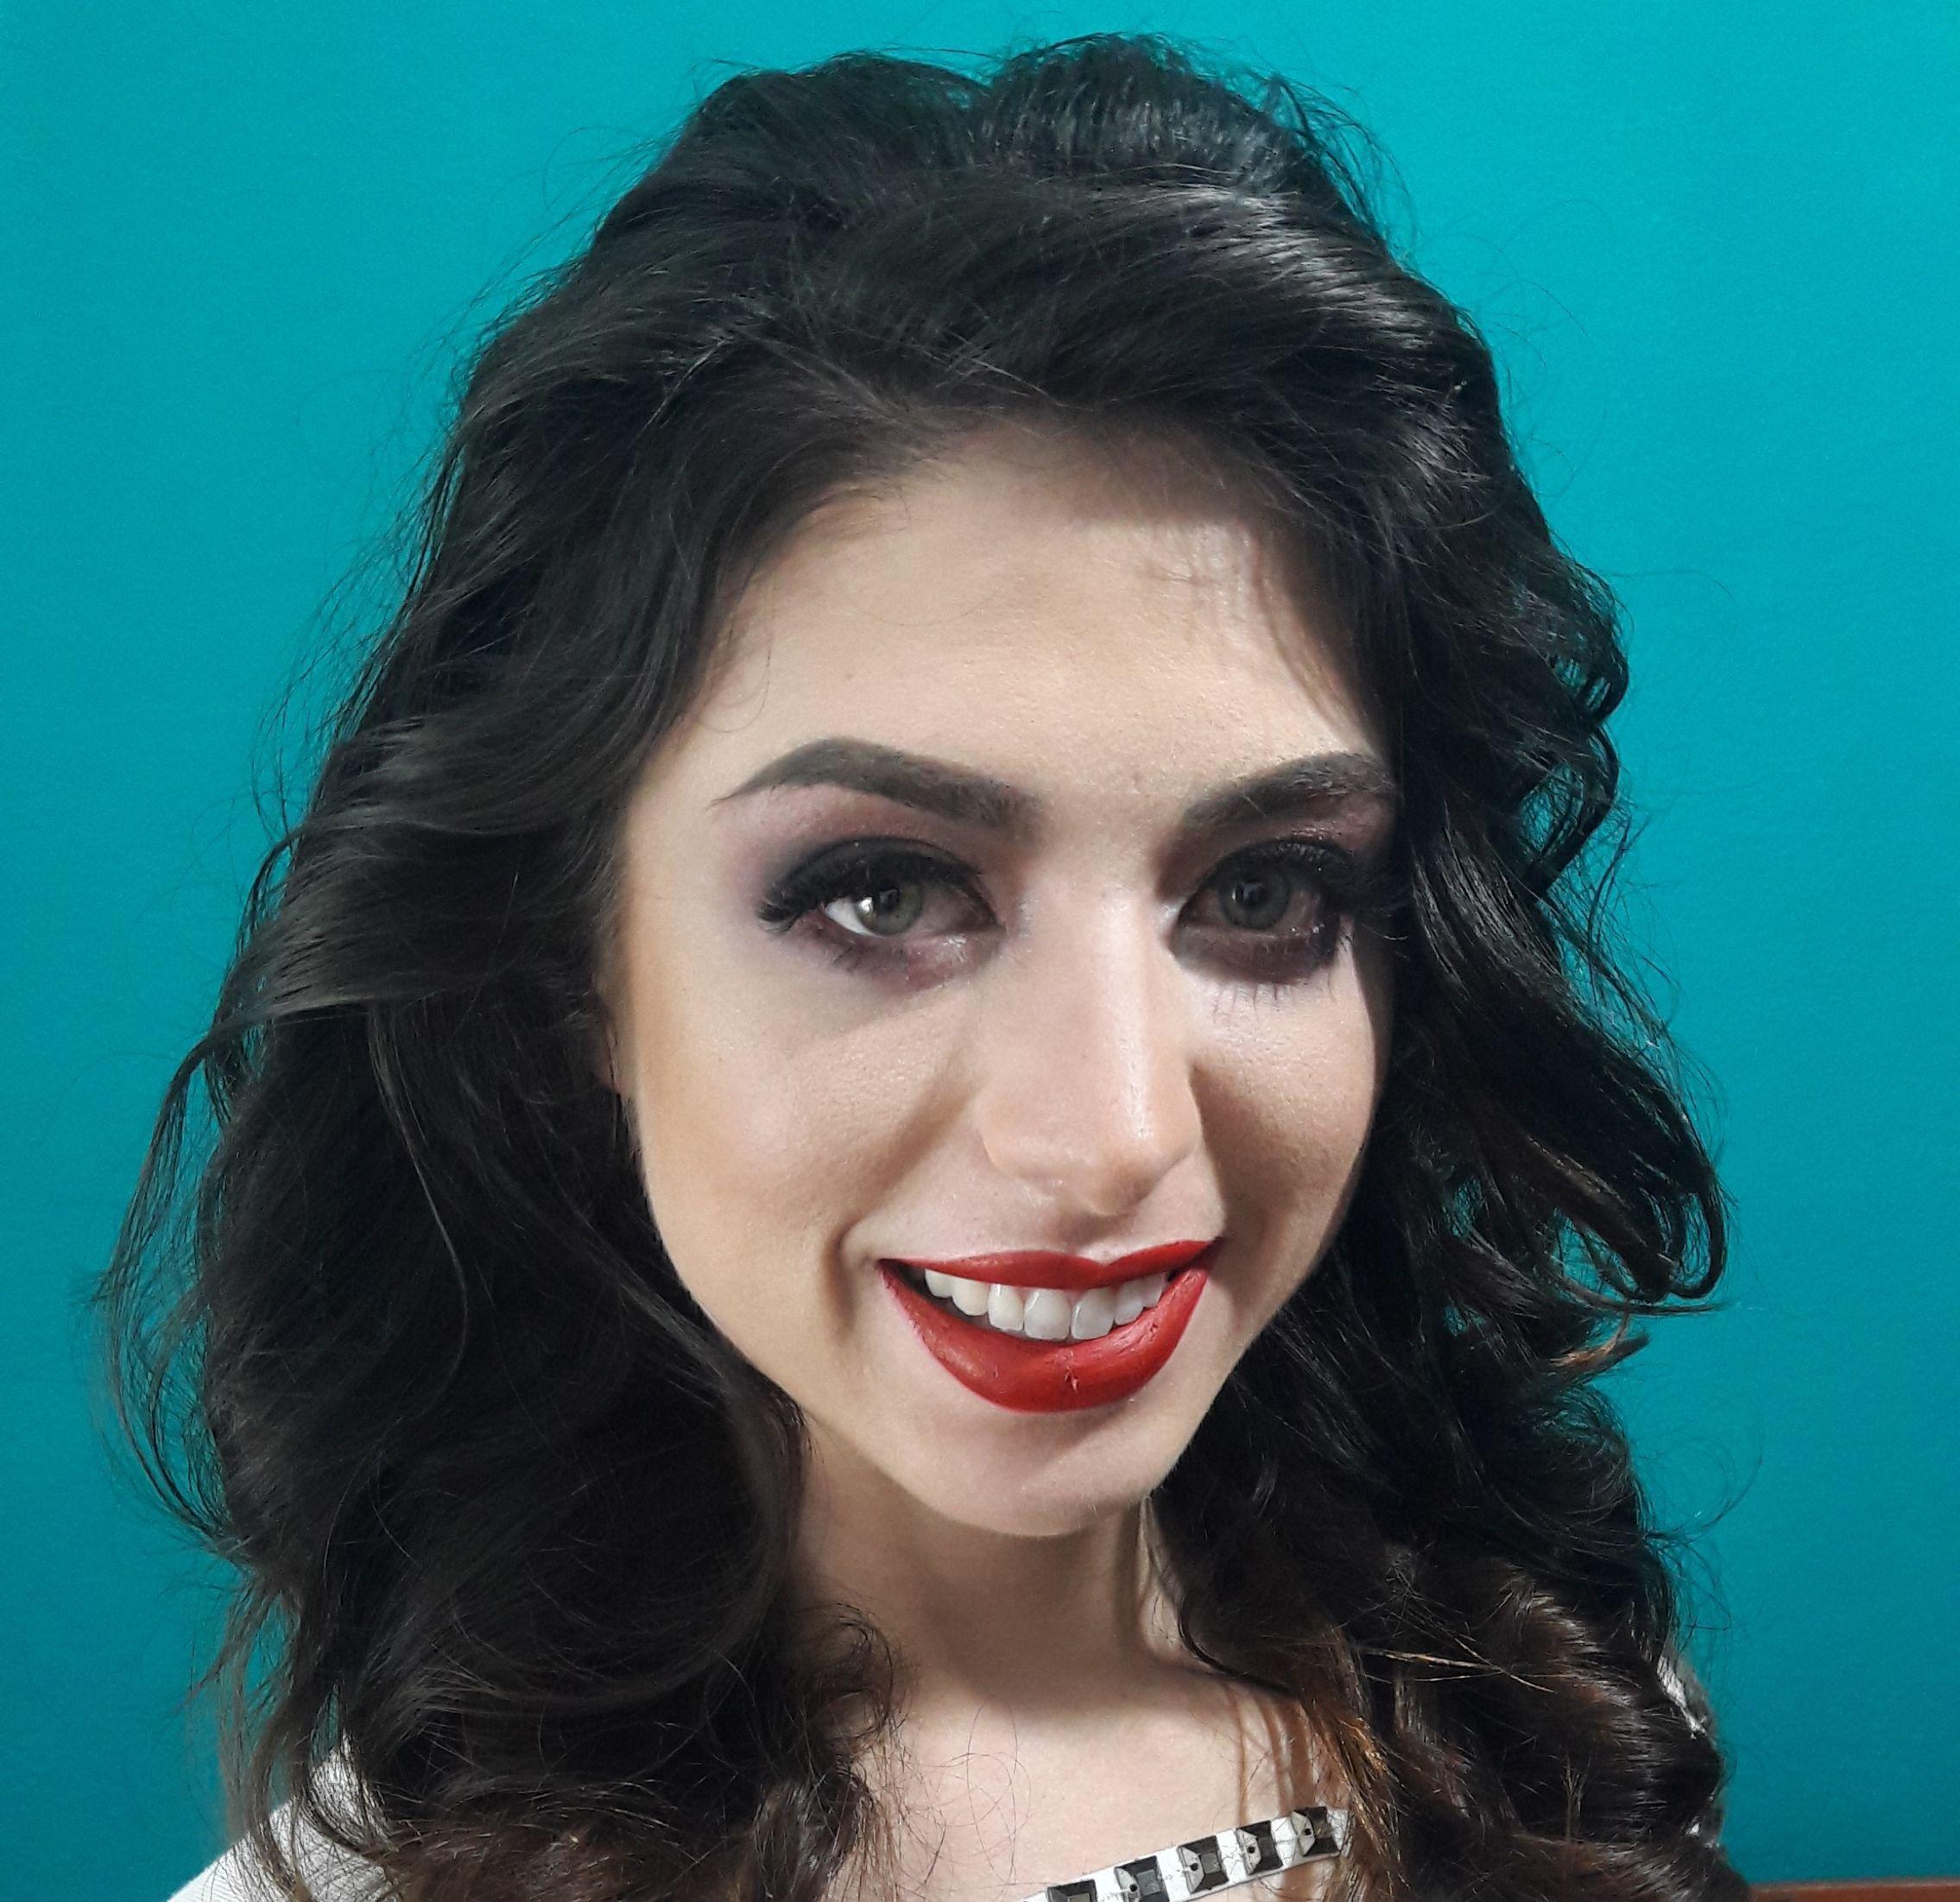 #maquiagem #maquiagemprofissional #maquiadora #ensaiofotografico #maquiadoraprofissional #beleza #makeup #cursodemaquiagem #cursoautomaquiagem #maquiagemhd #maquiagemnatural #belezanatural #noova #maquiagemnoiva #maquiagendebutante #maquiagemformanda #maquiagemcasamento maquiagem maquiador(a)